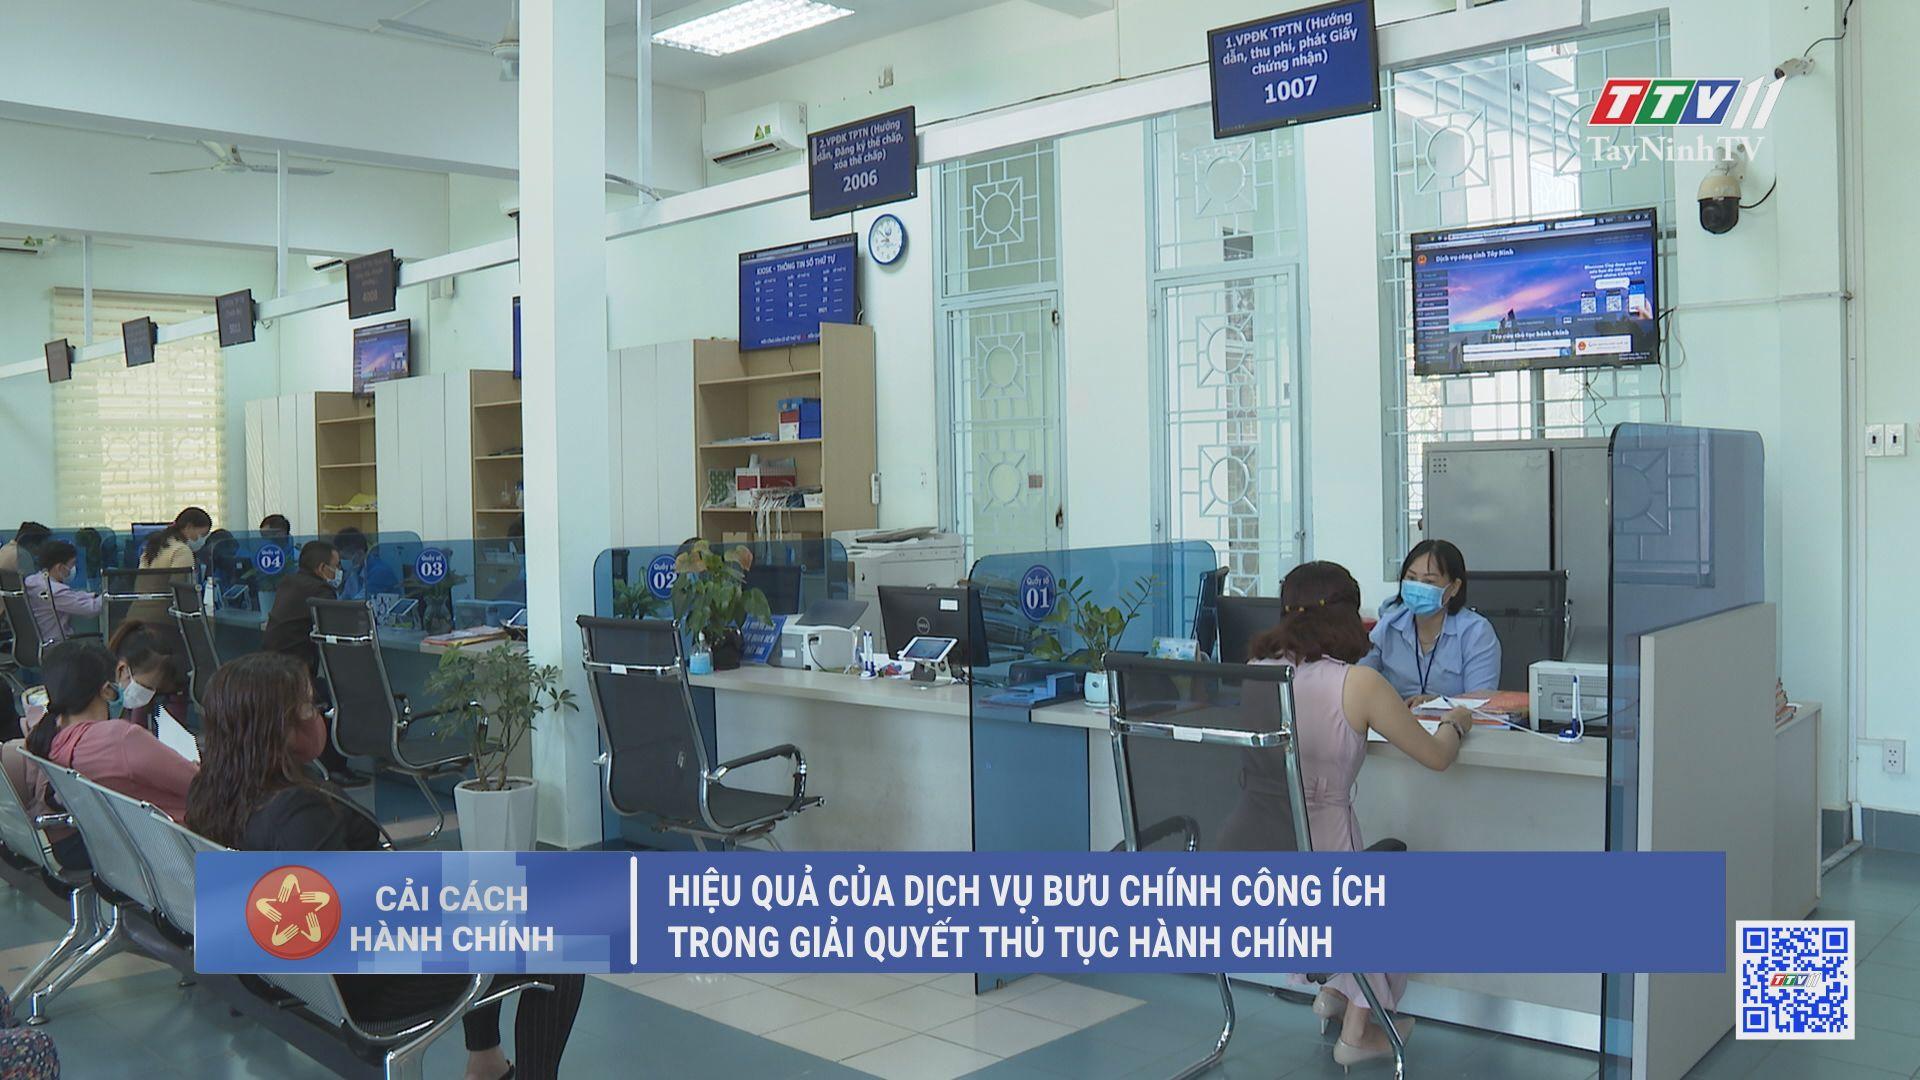 Hiệu quả của dịch vụ bưu chính công ích trong giải quyết thủ tục hành chính | CẢI CÁCH HÀNH CHÍNH | TayNinhTV